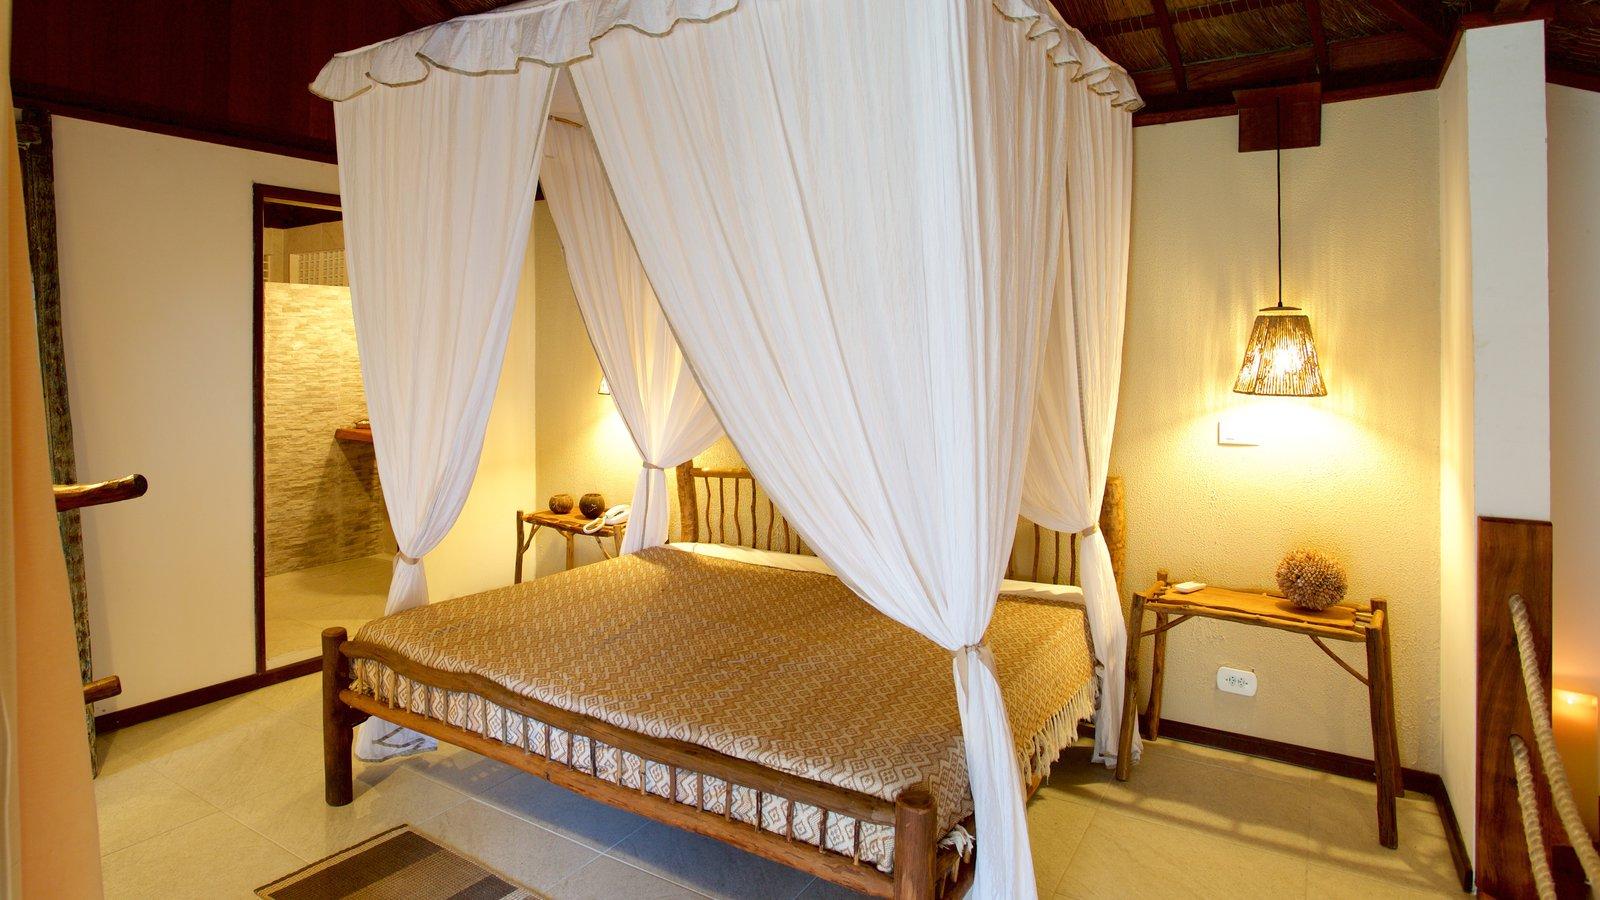 Maceió caracterizando um hotel de luxo ou resort e vistas internas